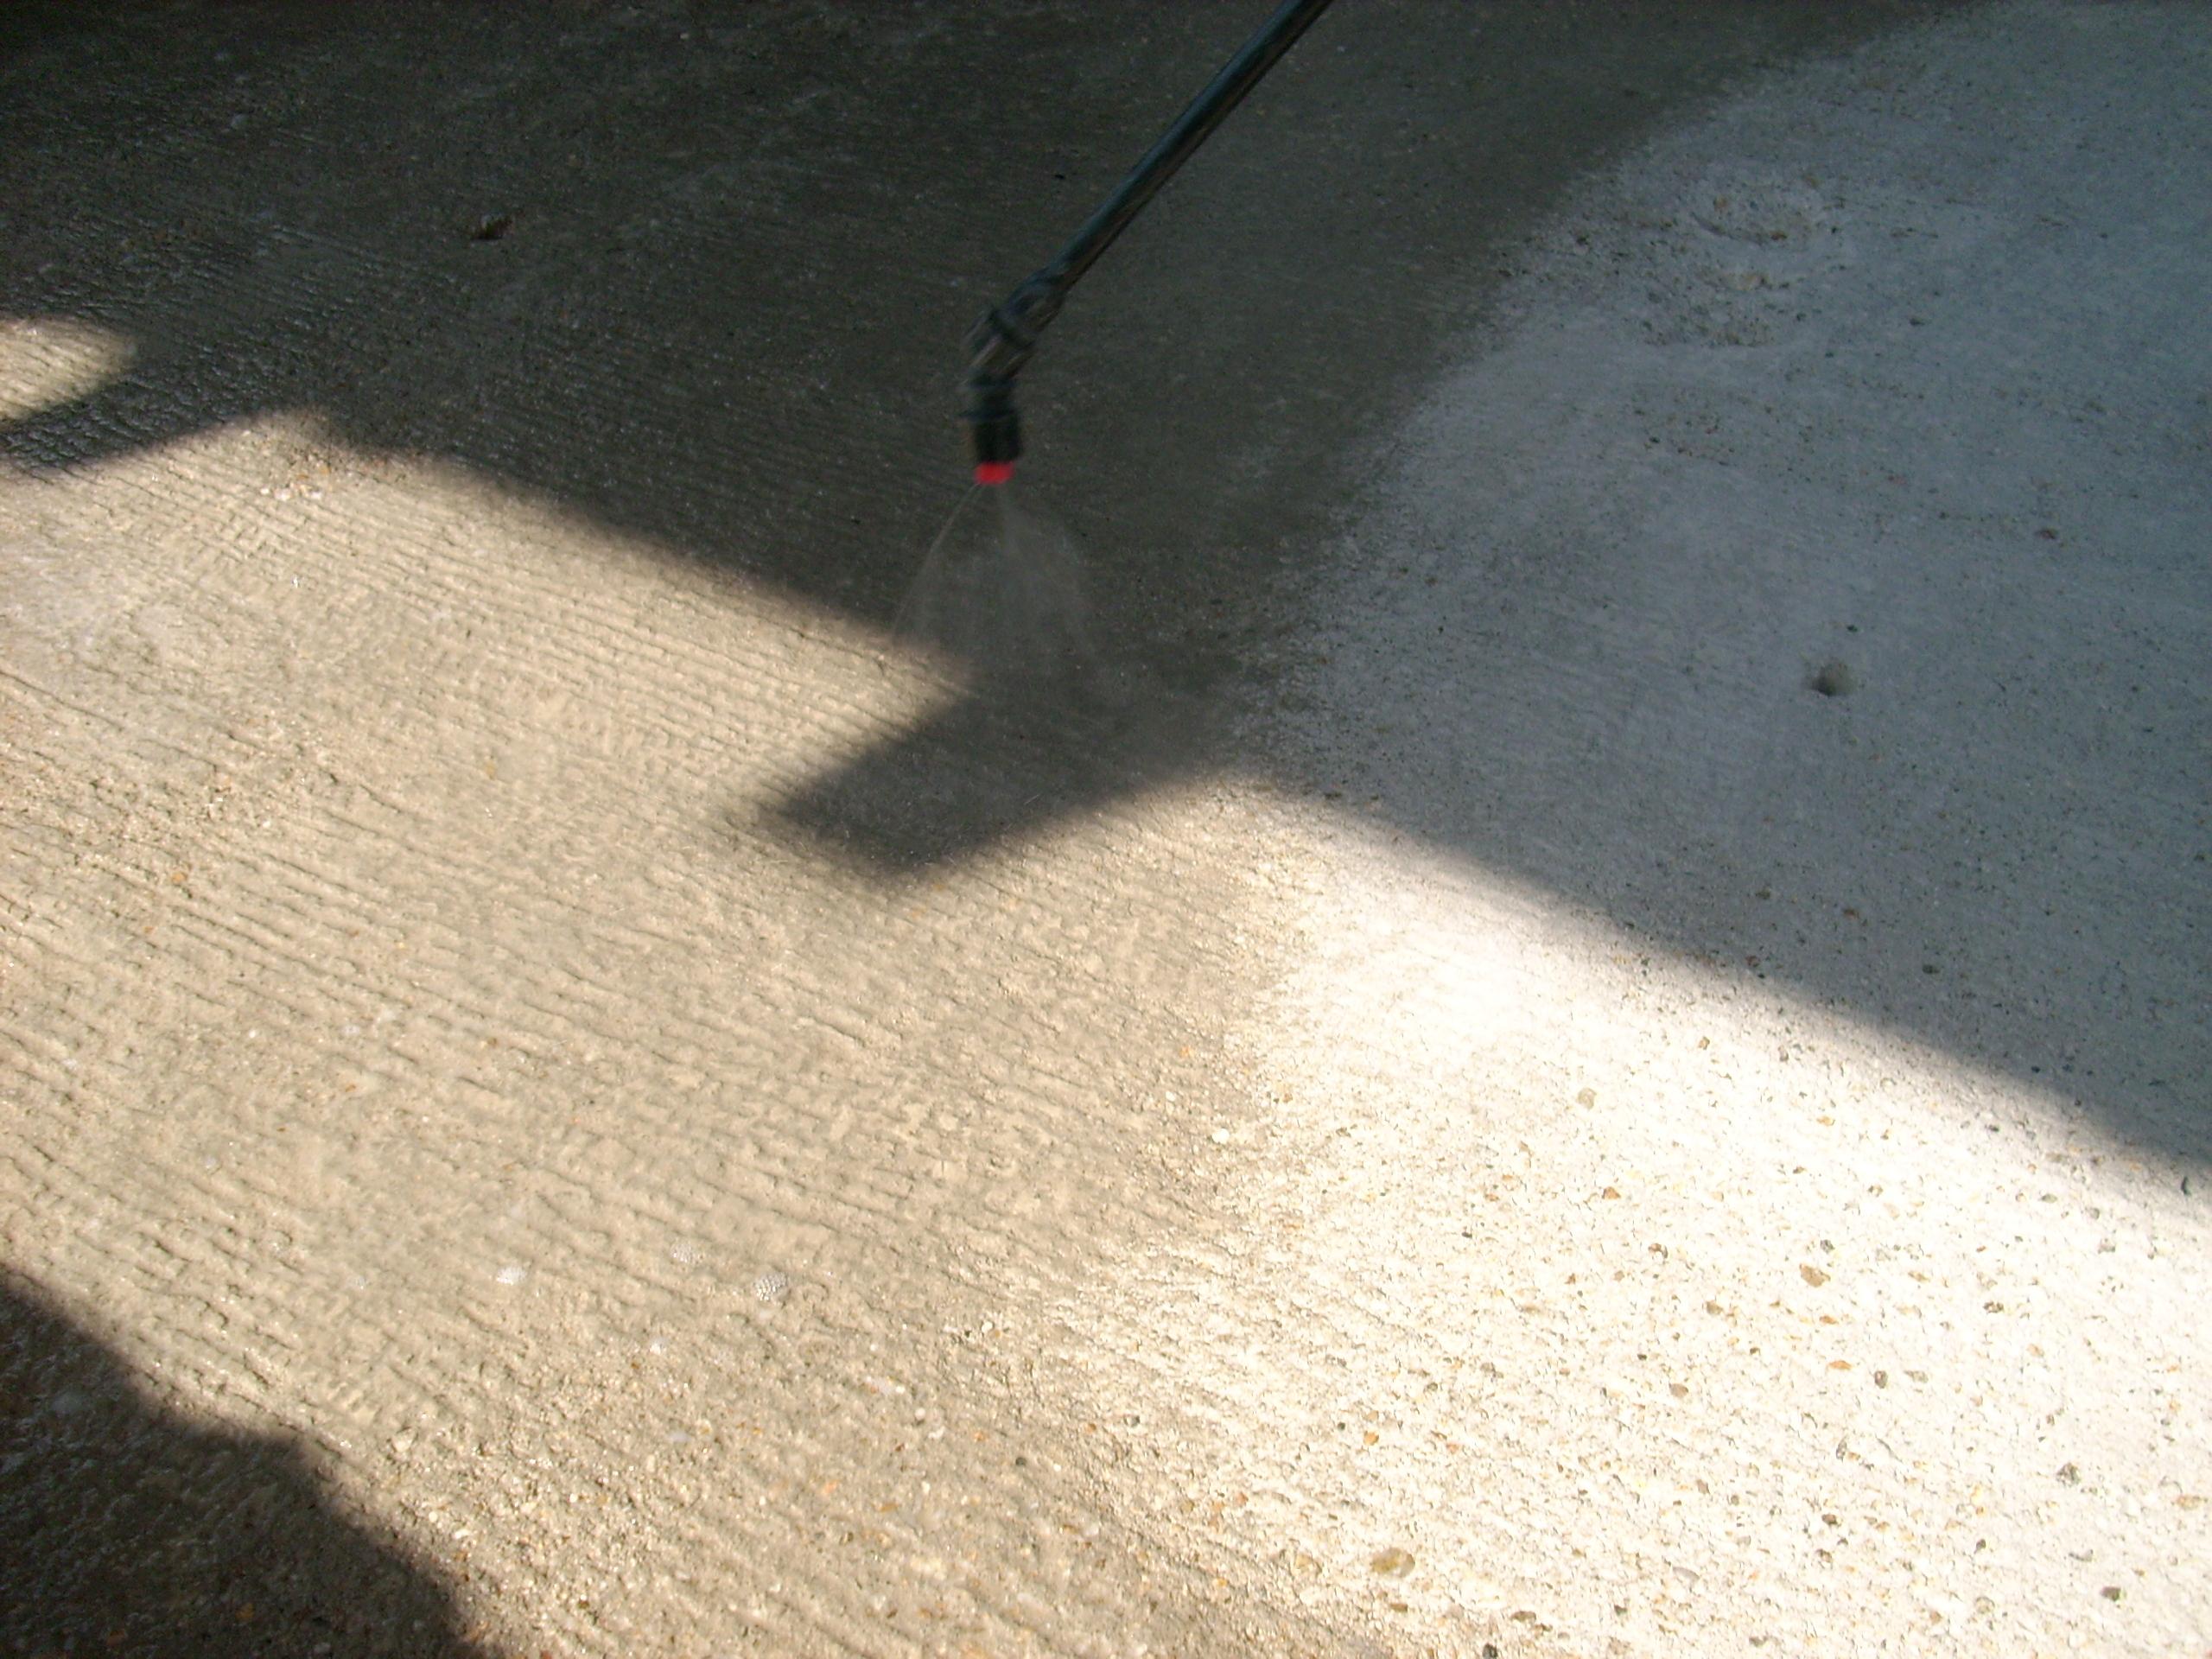 Aplicarea tratamentelor de impermeabilizare - Persoana privata - terasa UNICO PROFIT - Poza 27